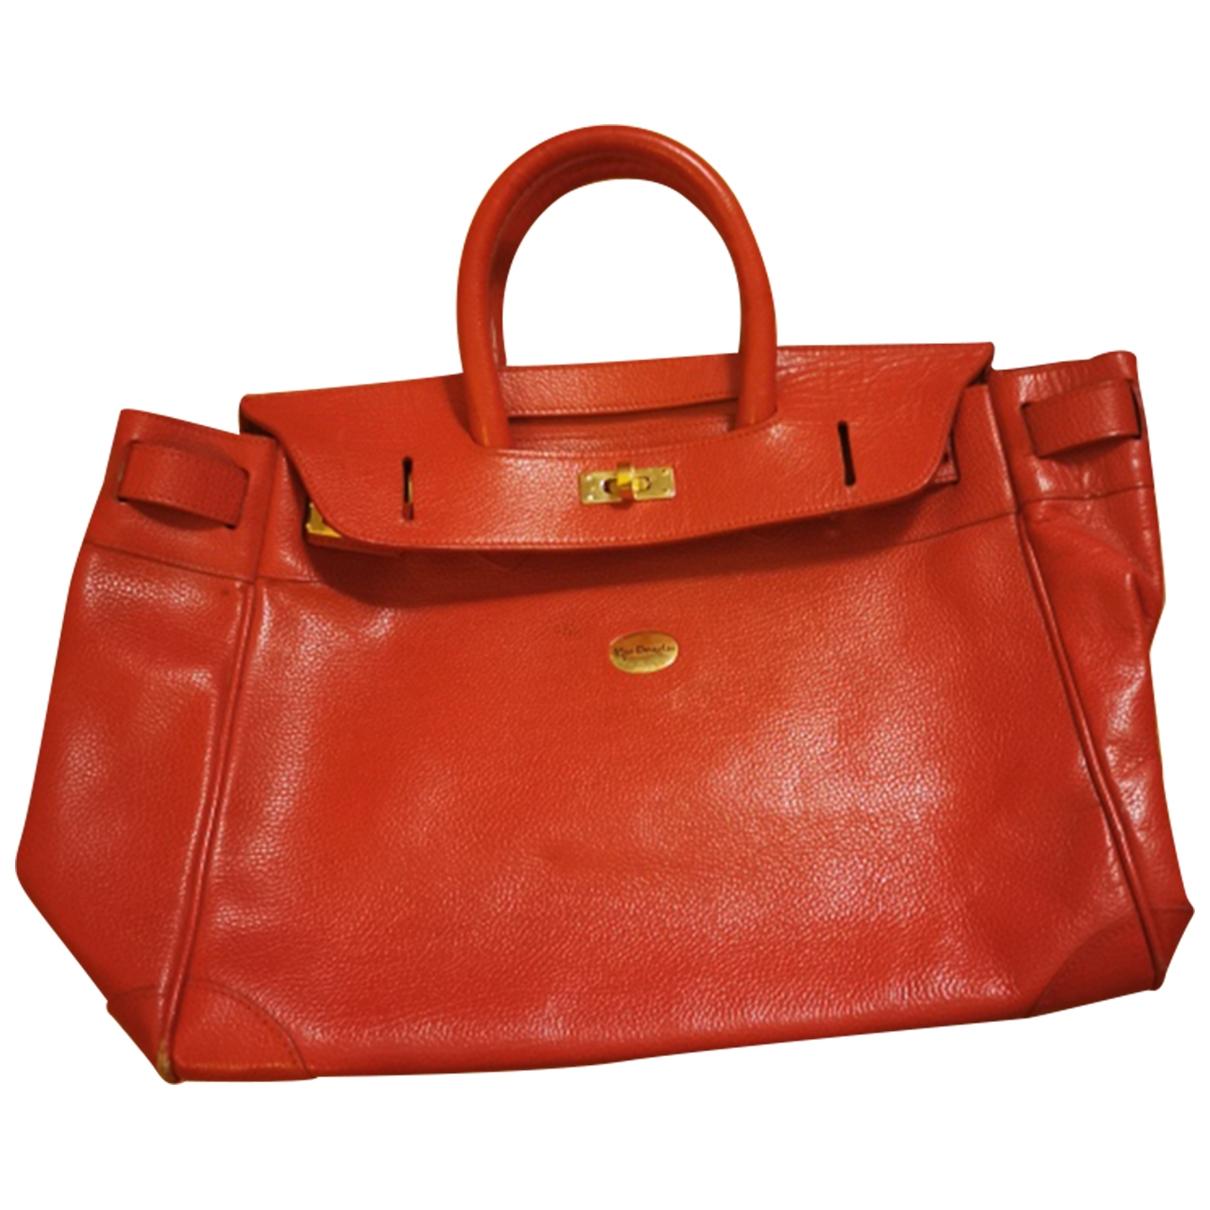 Mac Douglas - Sac a main   pour femme en cuir - rouge